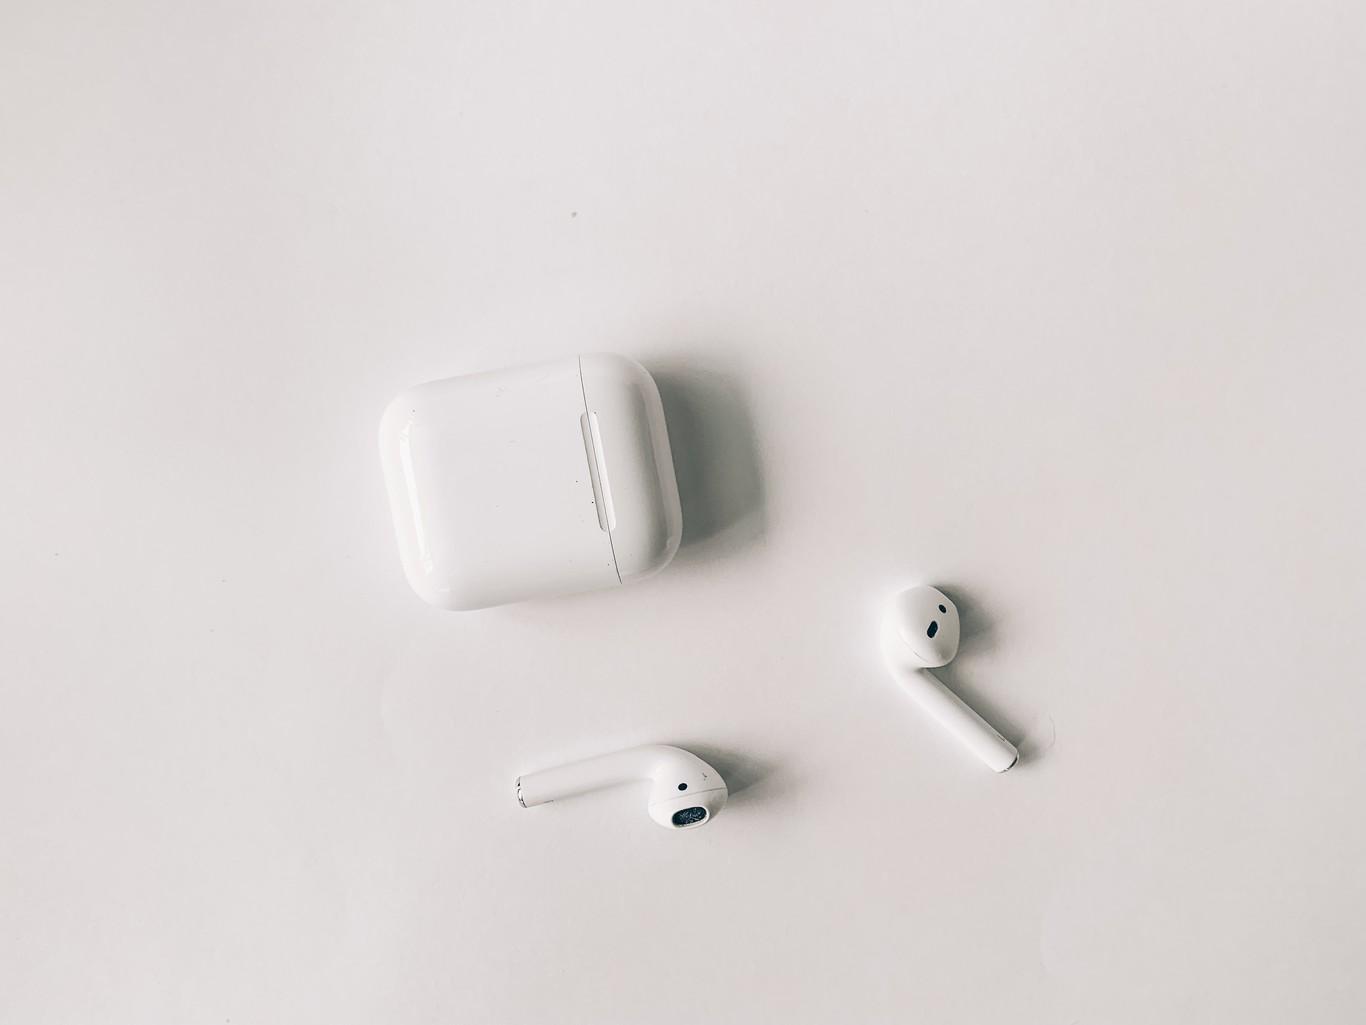 Qué auriculares de Apple comprar en 2020: AirPods y